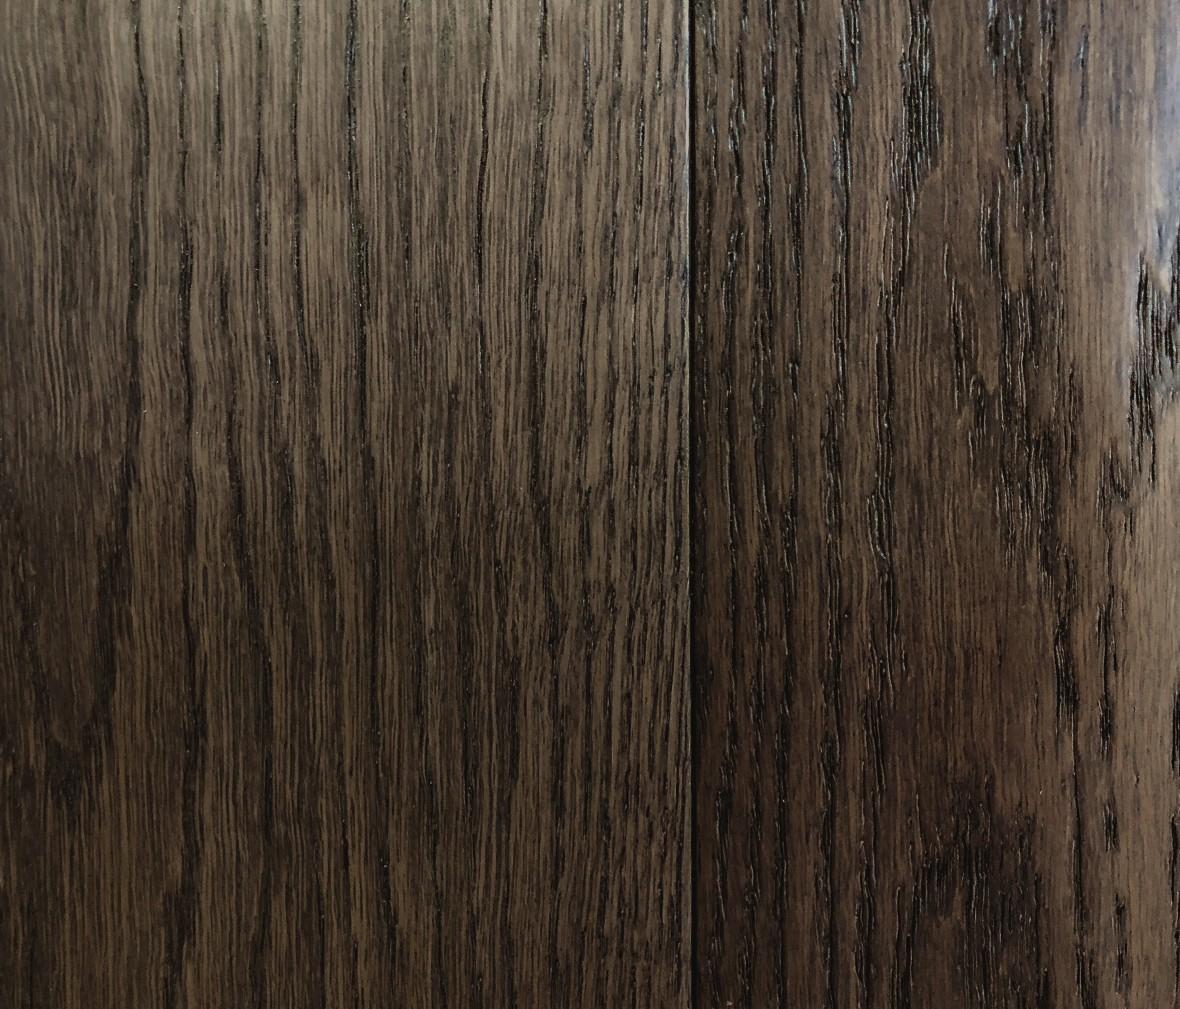 金钢鹦鹉地板 出口系列W1506型号多层实木地板 橡木贴皮美式客卧地板 图片、价格、品牌、评测样样齐全!【蓝景商城正品行货,蓝景丽家大钟寺家居广场提货,北京地区配送,领券更优惠,线上线下同品同价,立即购买享受更多优惠哦!】